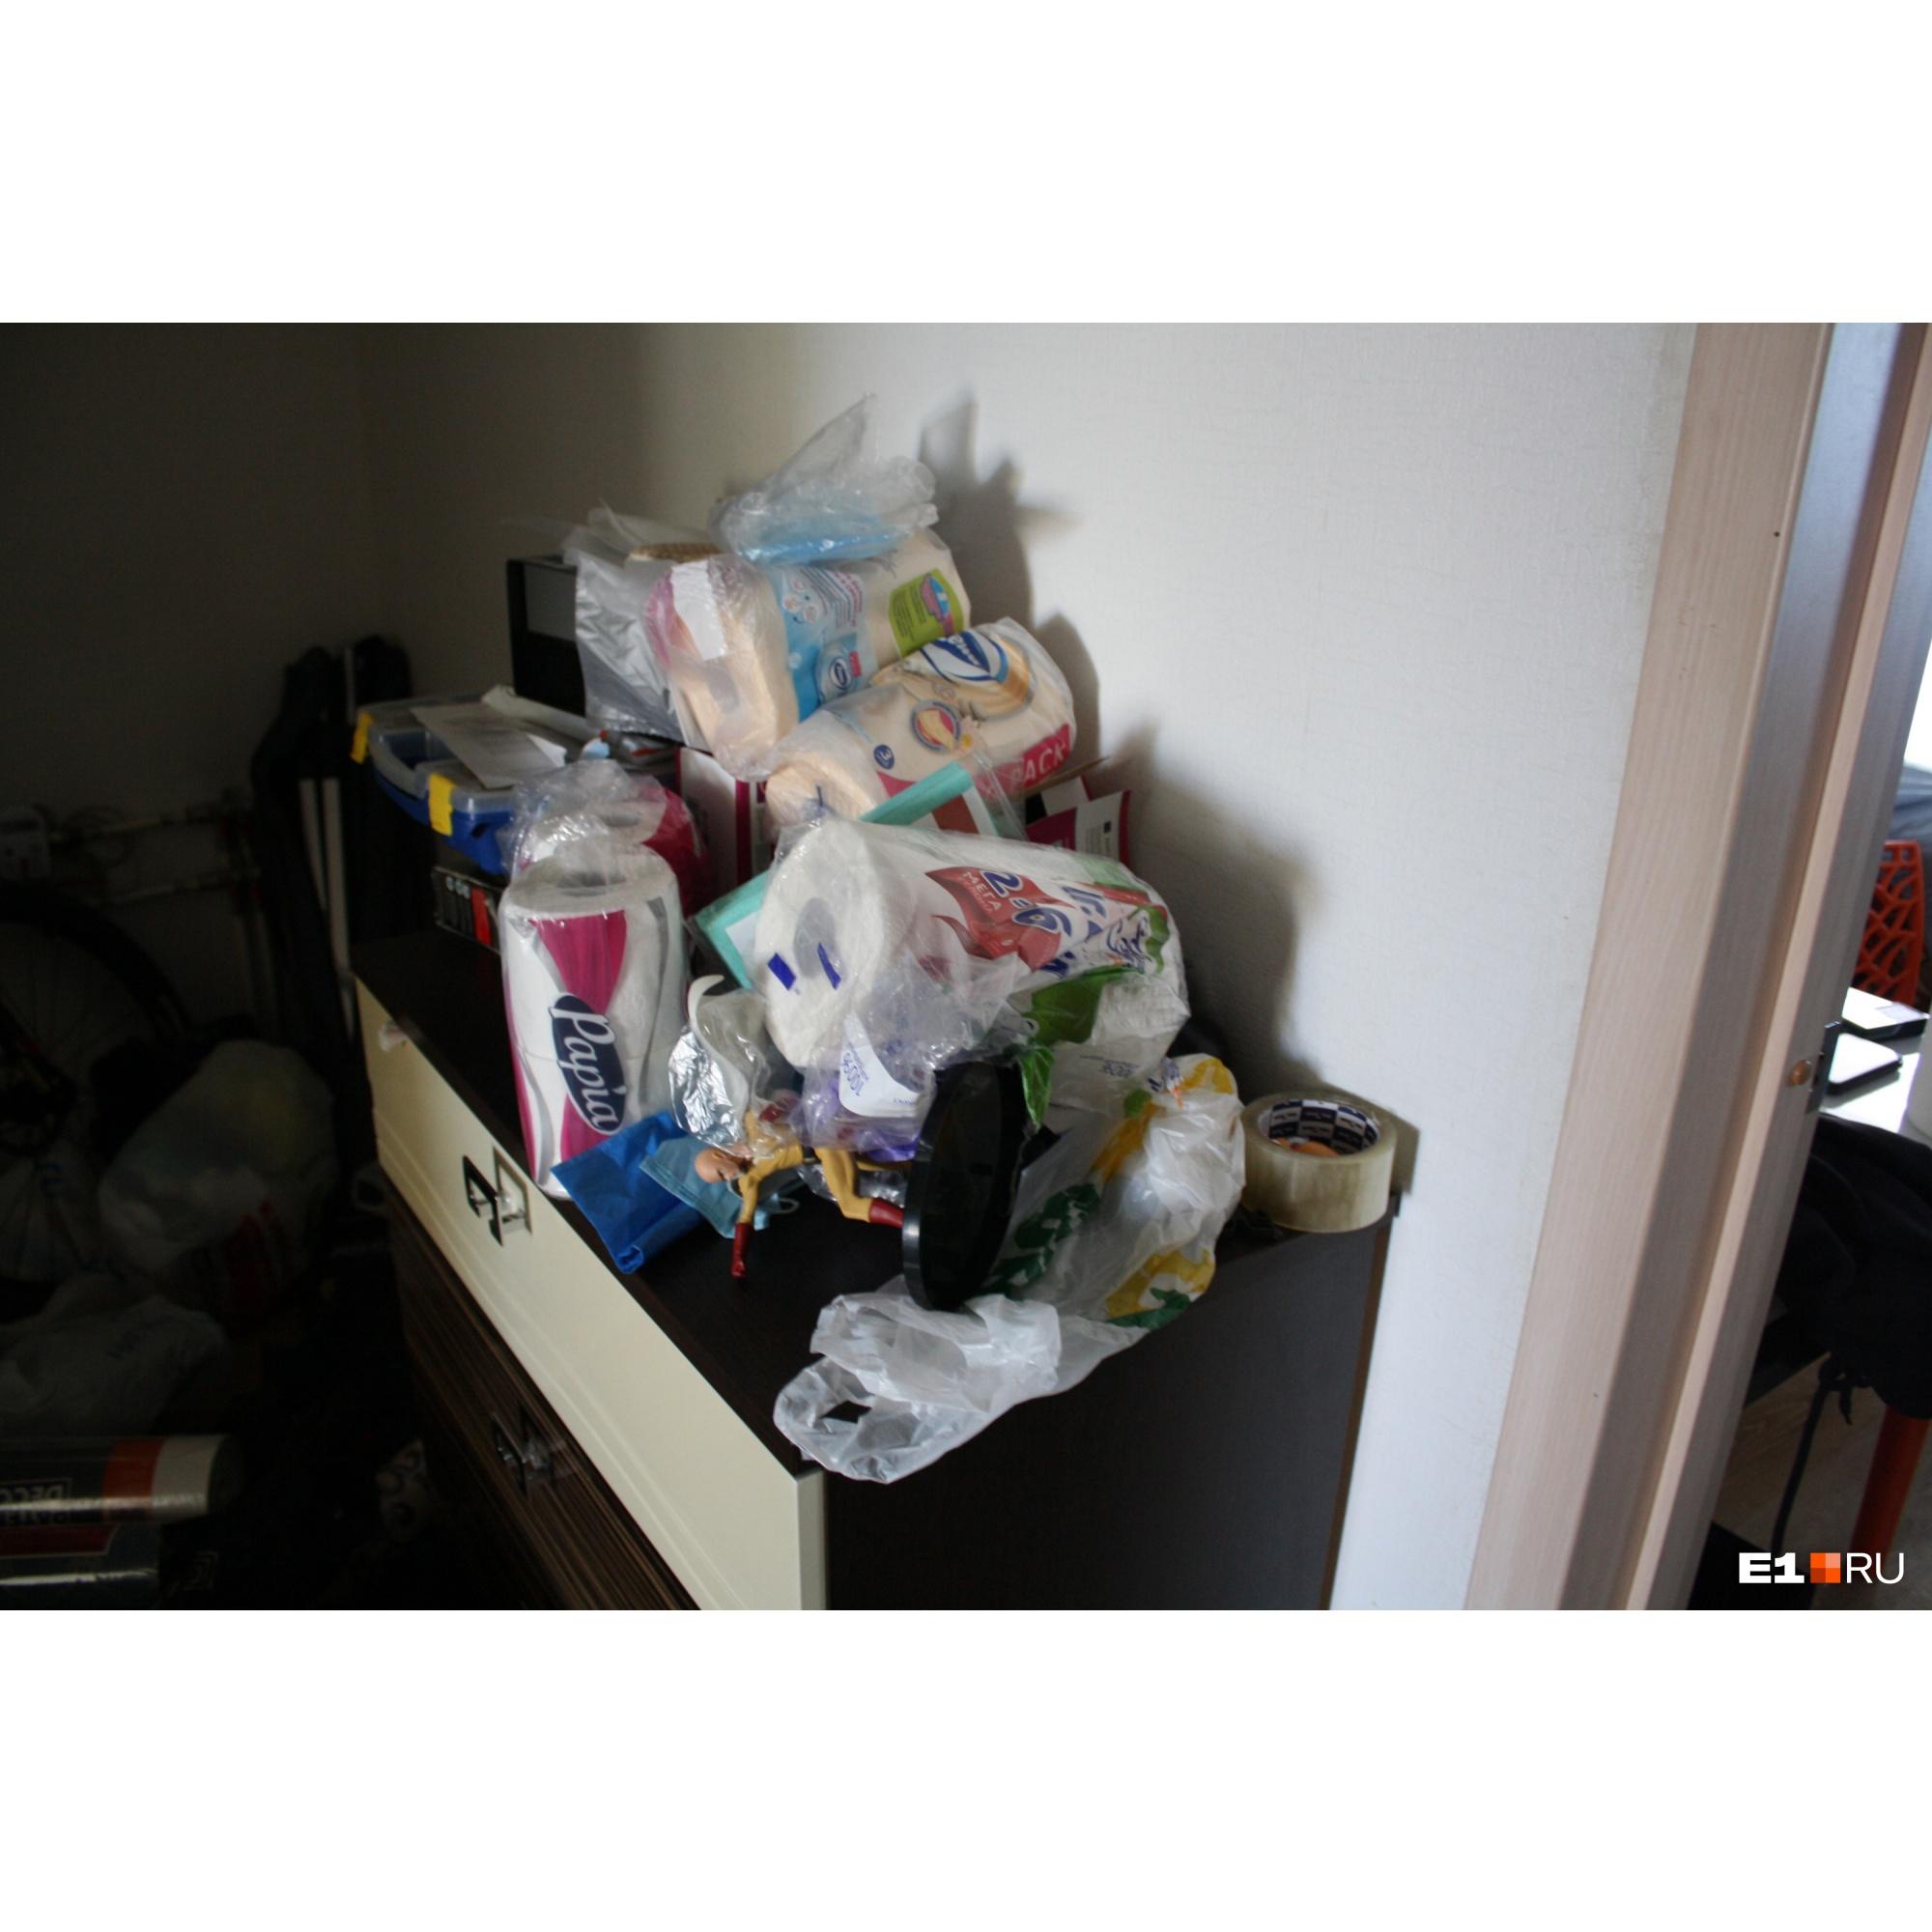 Заваленный вещами комод в коридоре